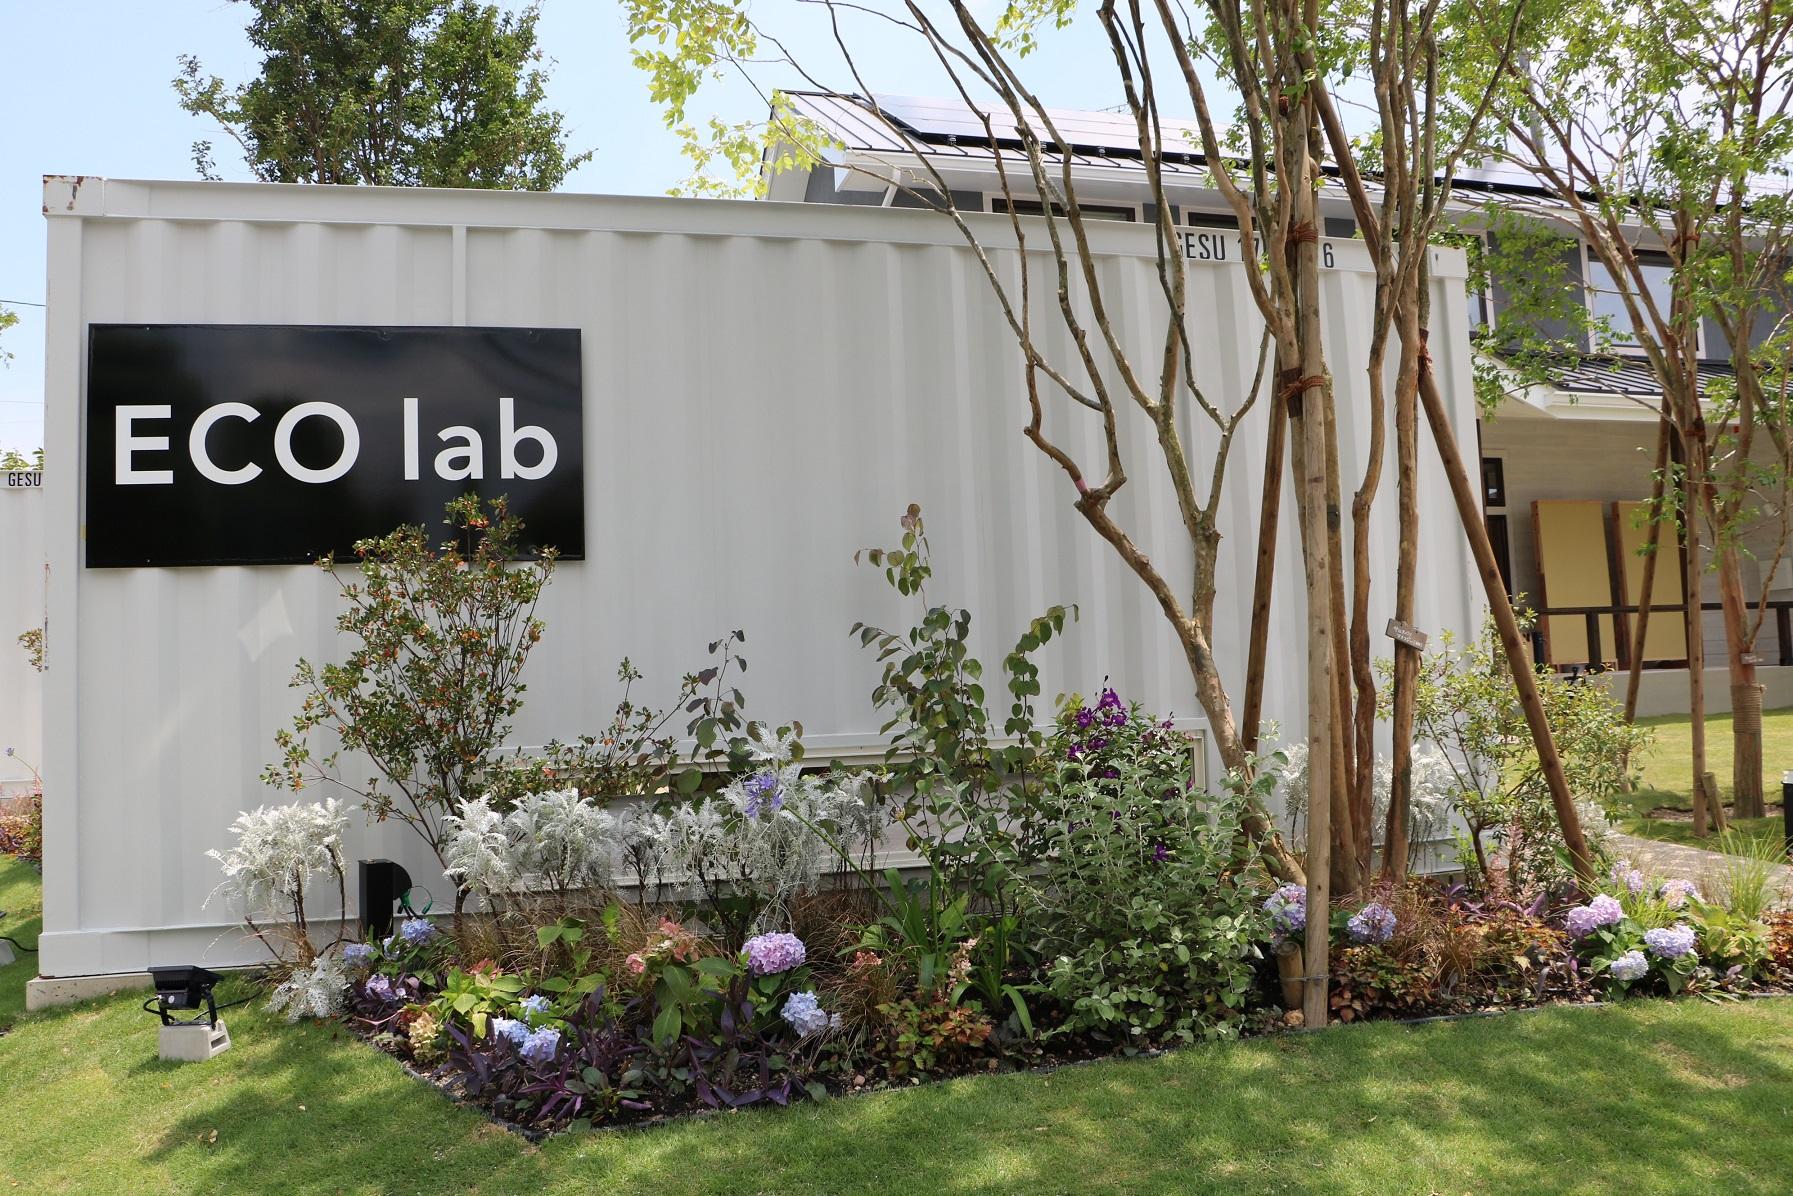 エコな学びを実験&ワークショップで 「ECO lab(エコラボ)」